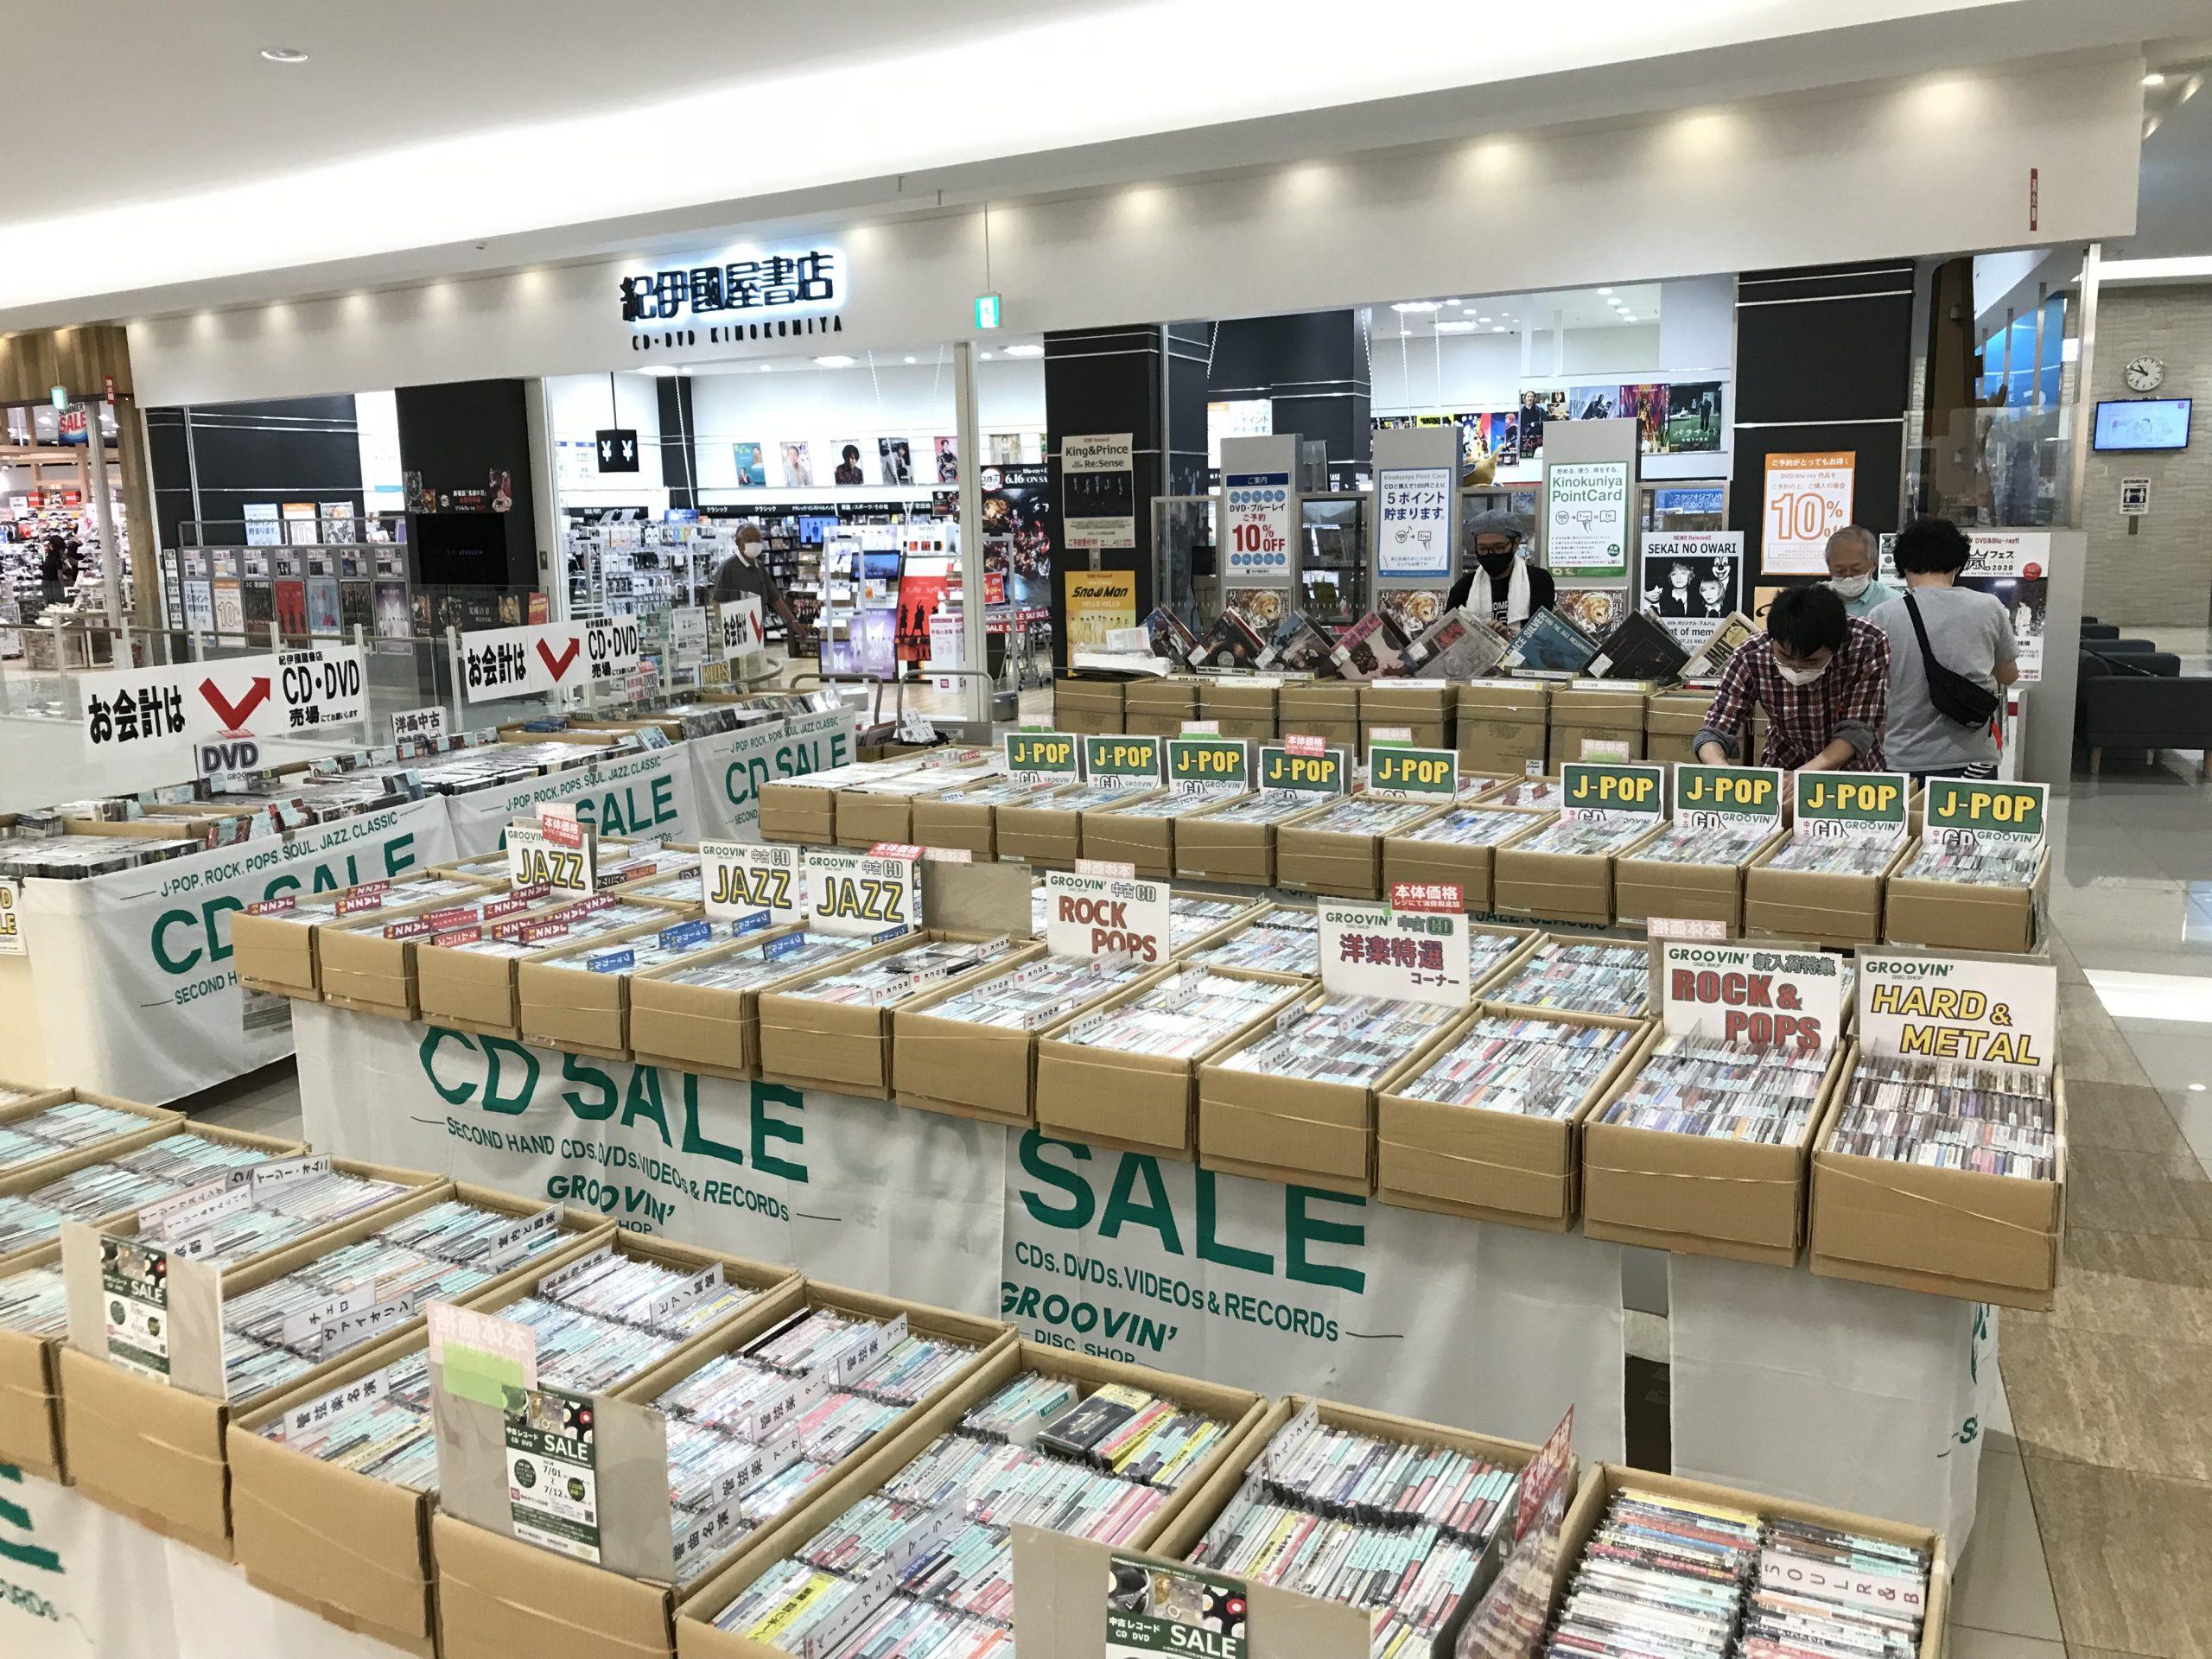 ゆめタウン廿日市レコードCD DVDセール